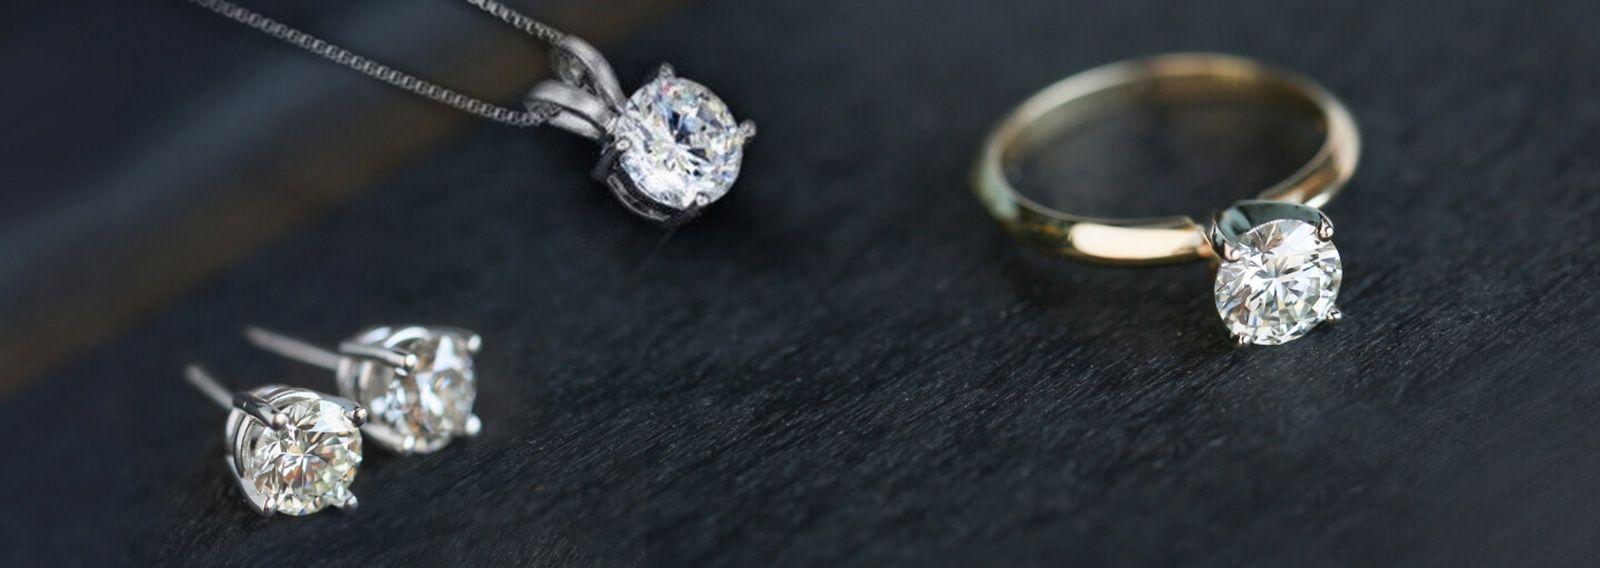 Jtv Diamond Rings >> Lab Grown Diamonds Jtv Com Diamond Diamond Jewelry Jewelry